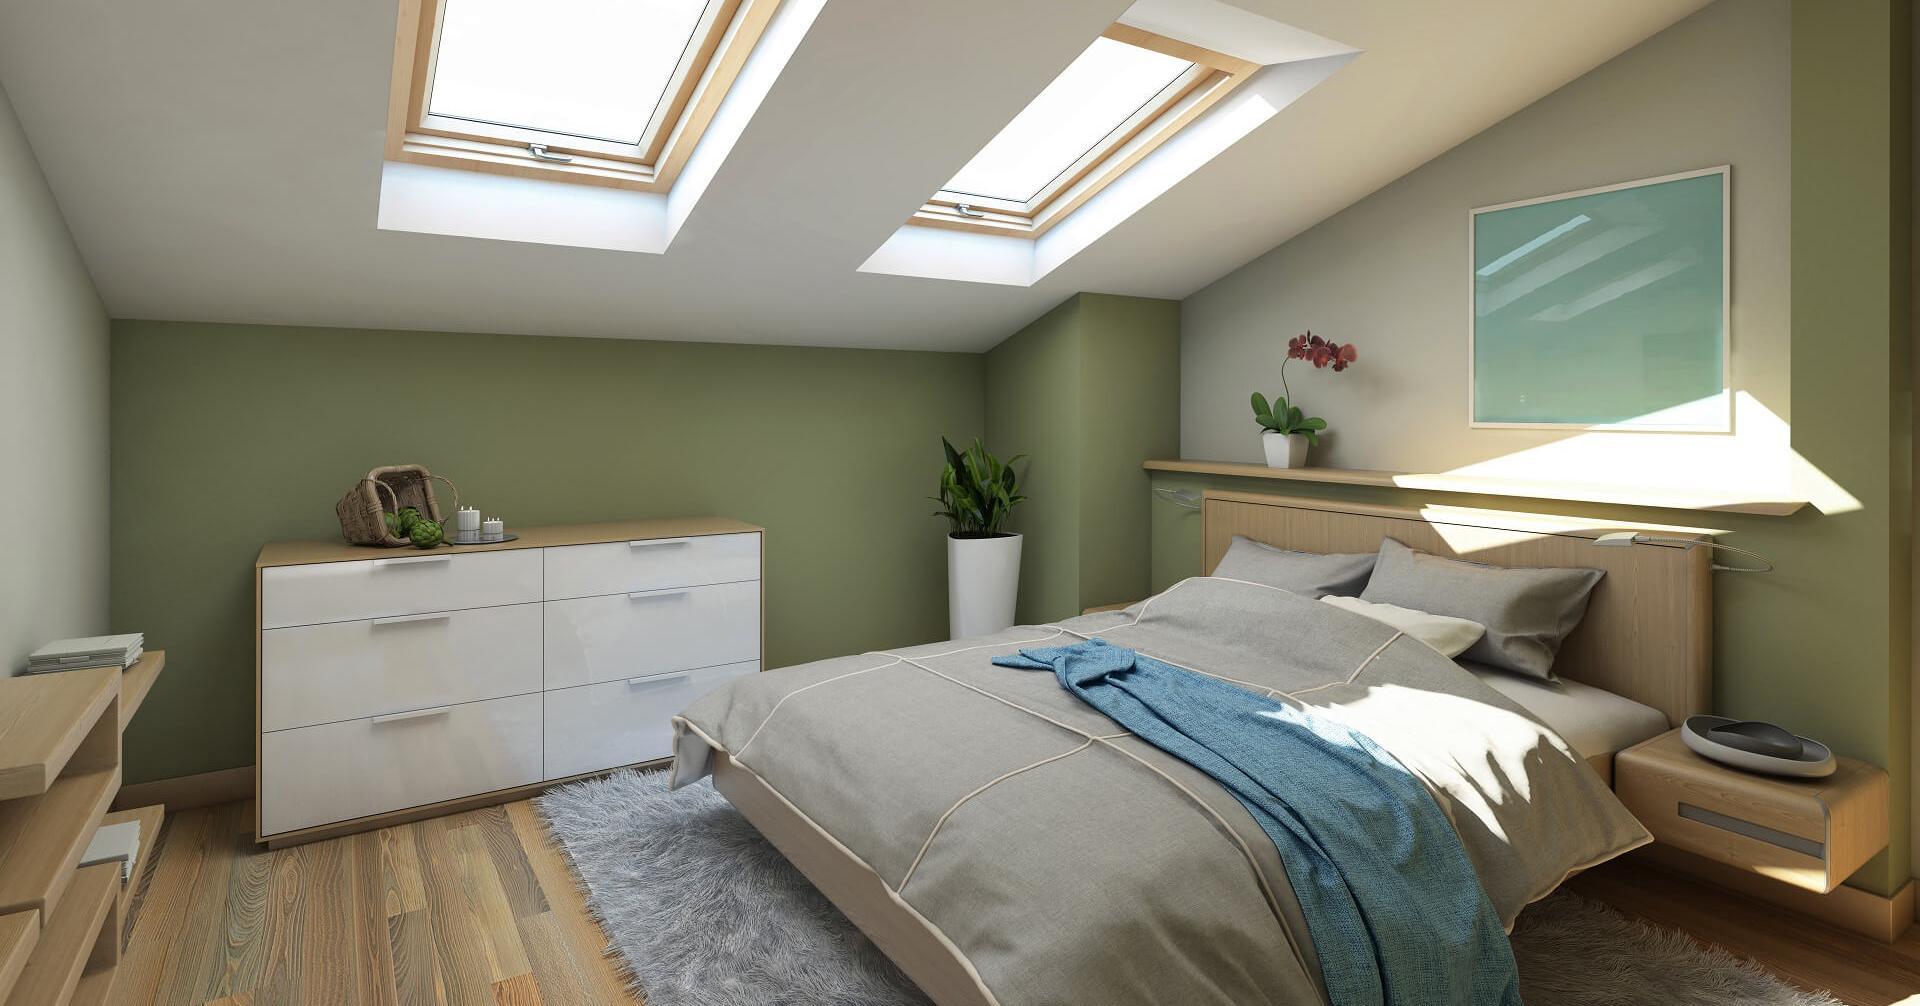 Phòng ngủ sơn màu xanh lá